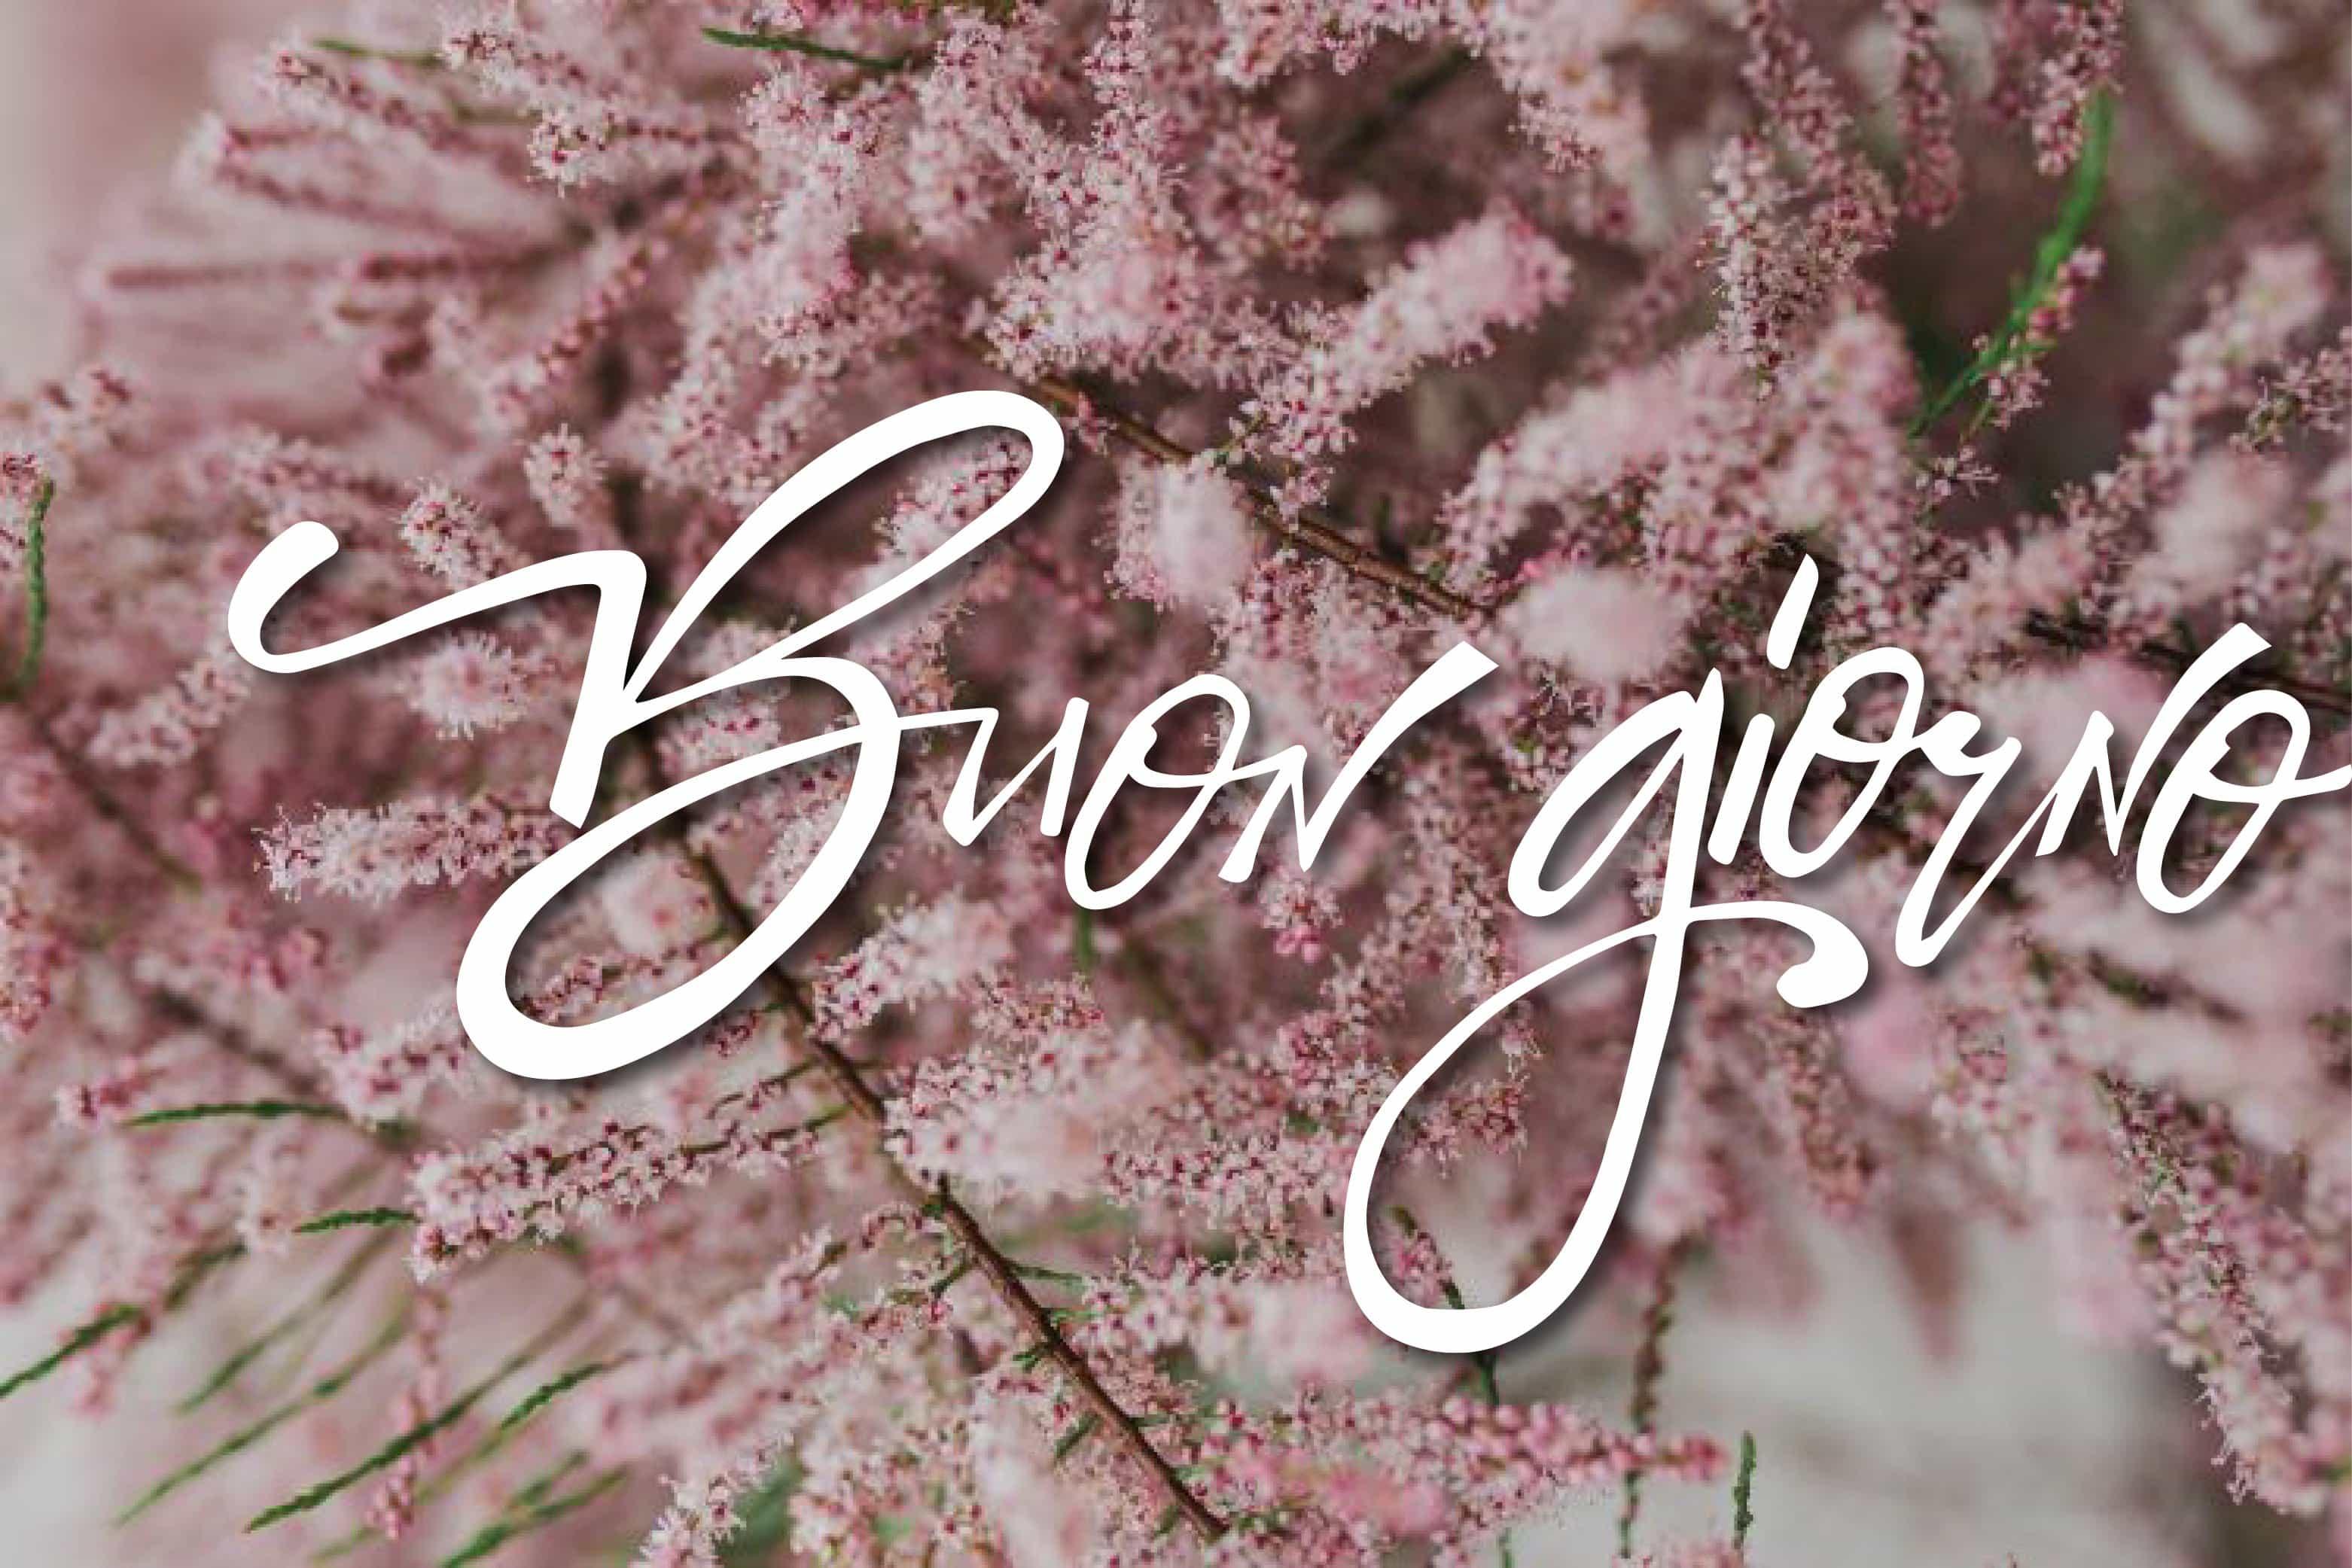 Buon giorno con fiori ai tuoi amici